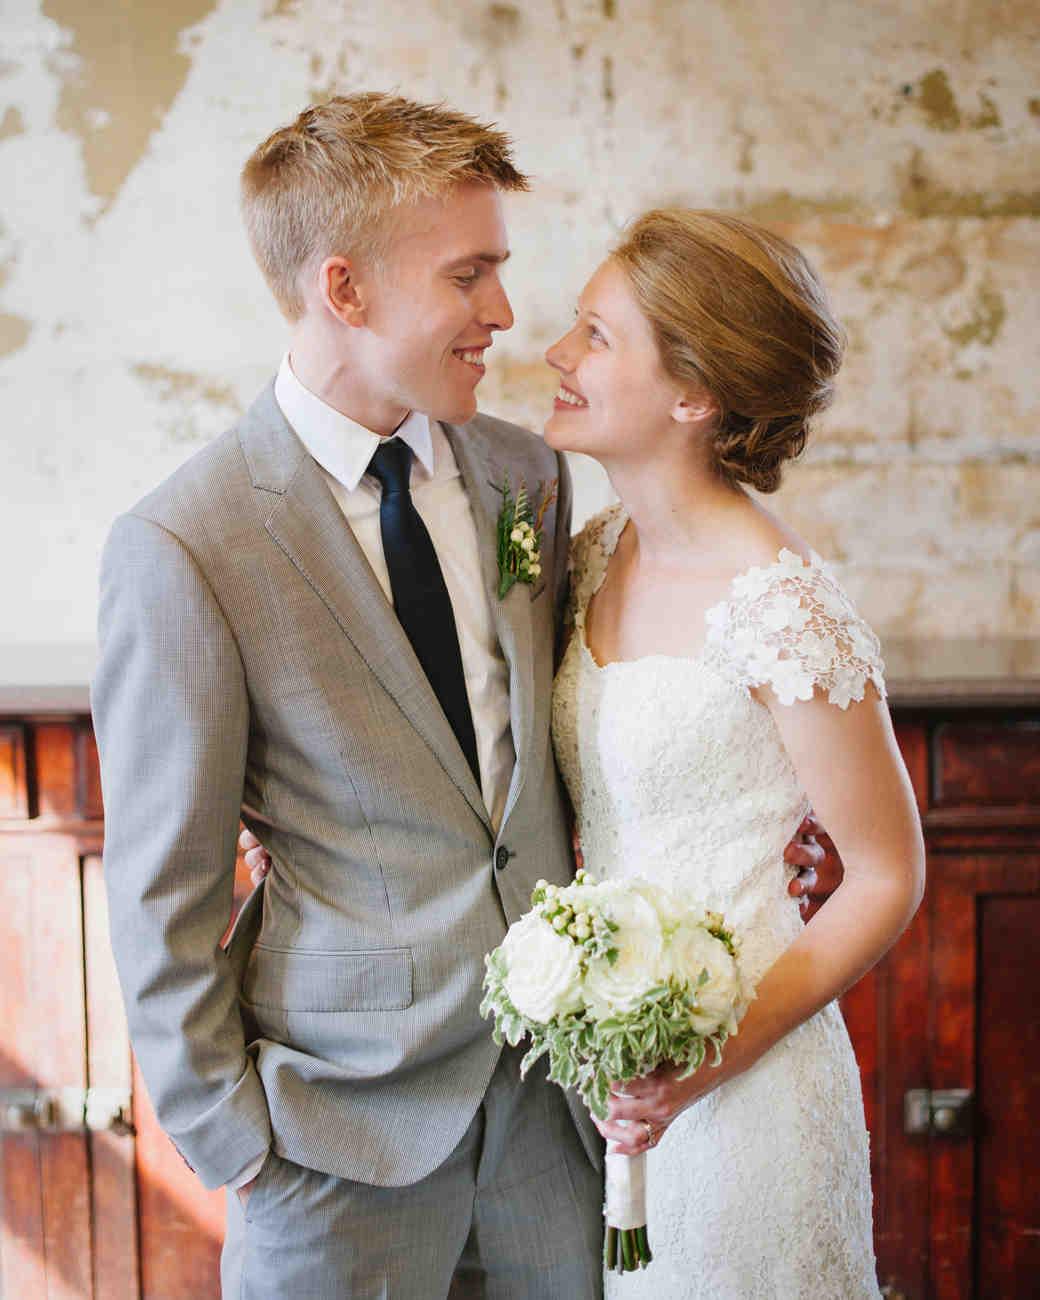 anna-don-wedding-portrait5-0714.jpg